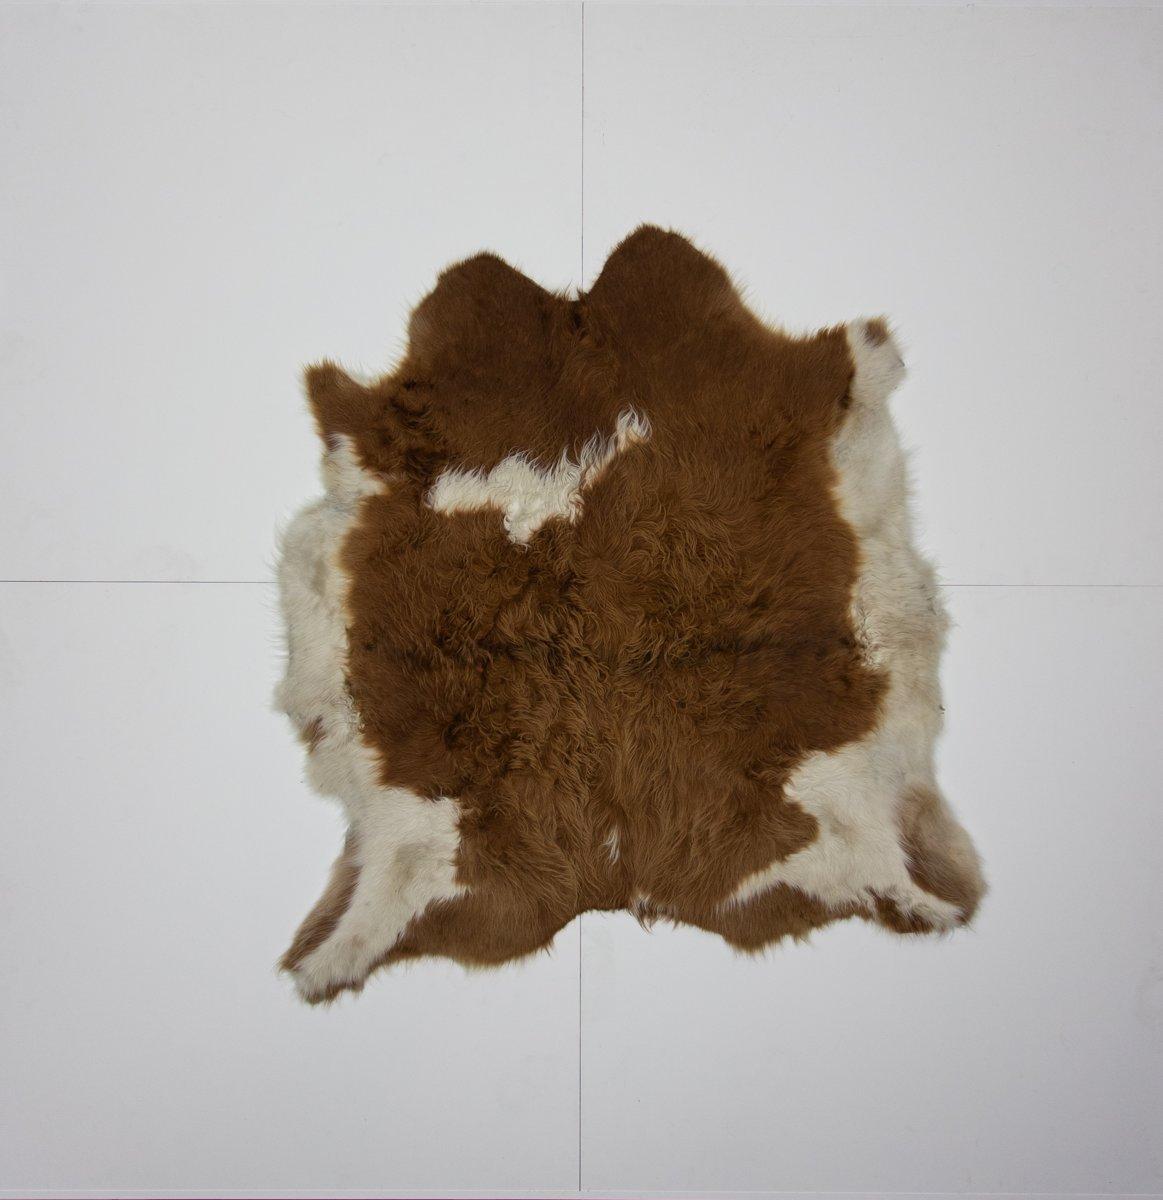 KOELAP Stierenhuid Vloerkleed - Bruinwit Gevlekt - 150 x 160 cm - 1000885 kopen